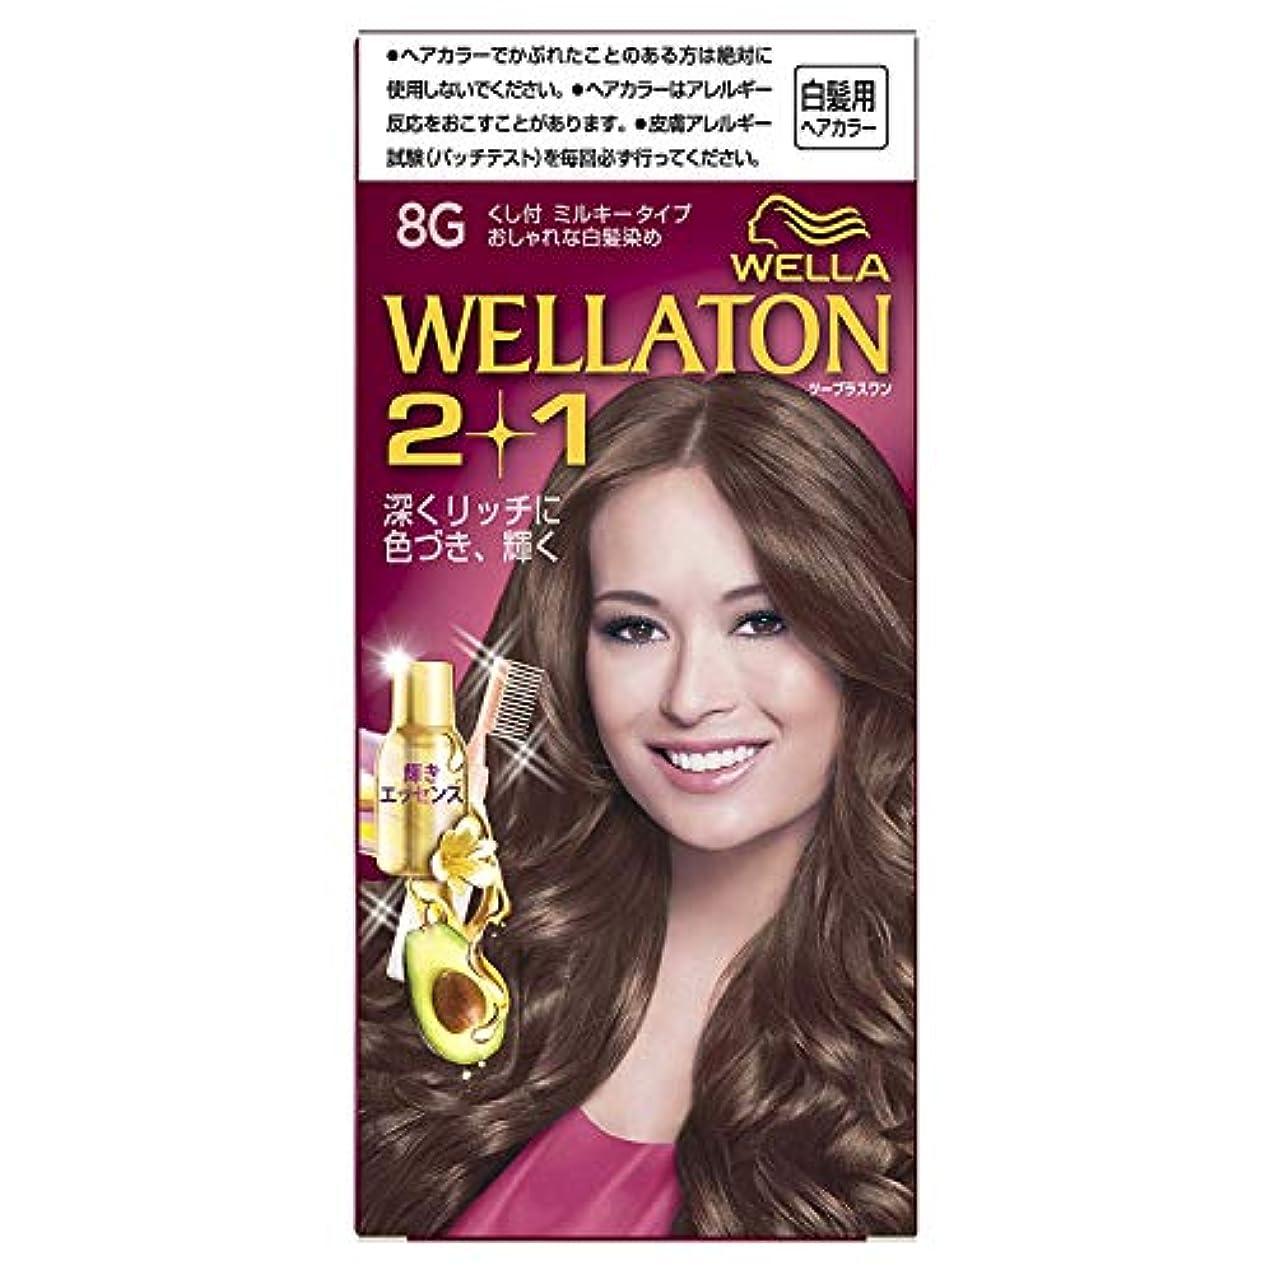 記念日数分散ウエラトーン2+1 白髪染め くし付ミルキータイプ 8G [医薬部外品] ×6個